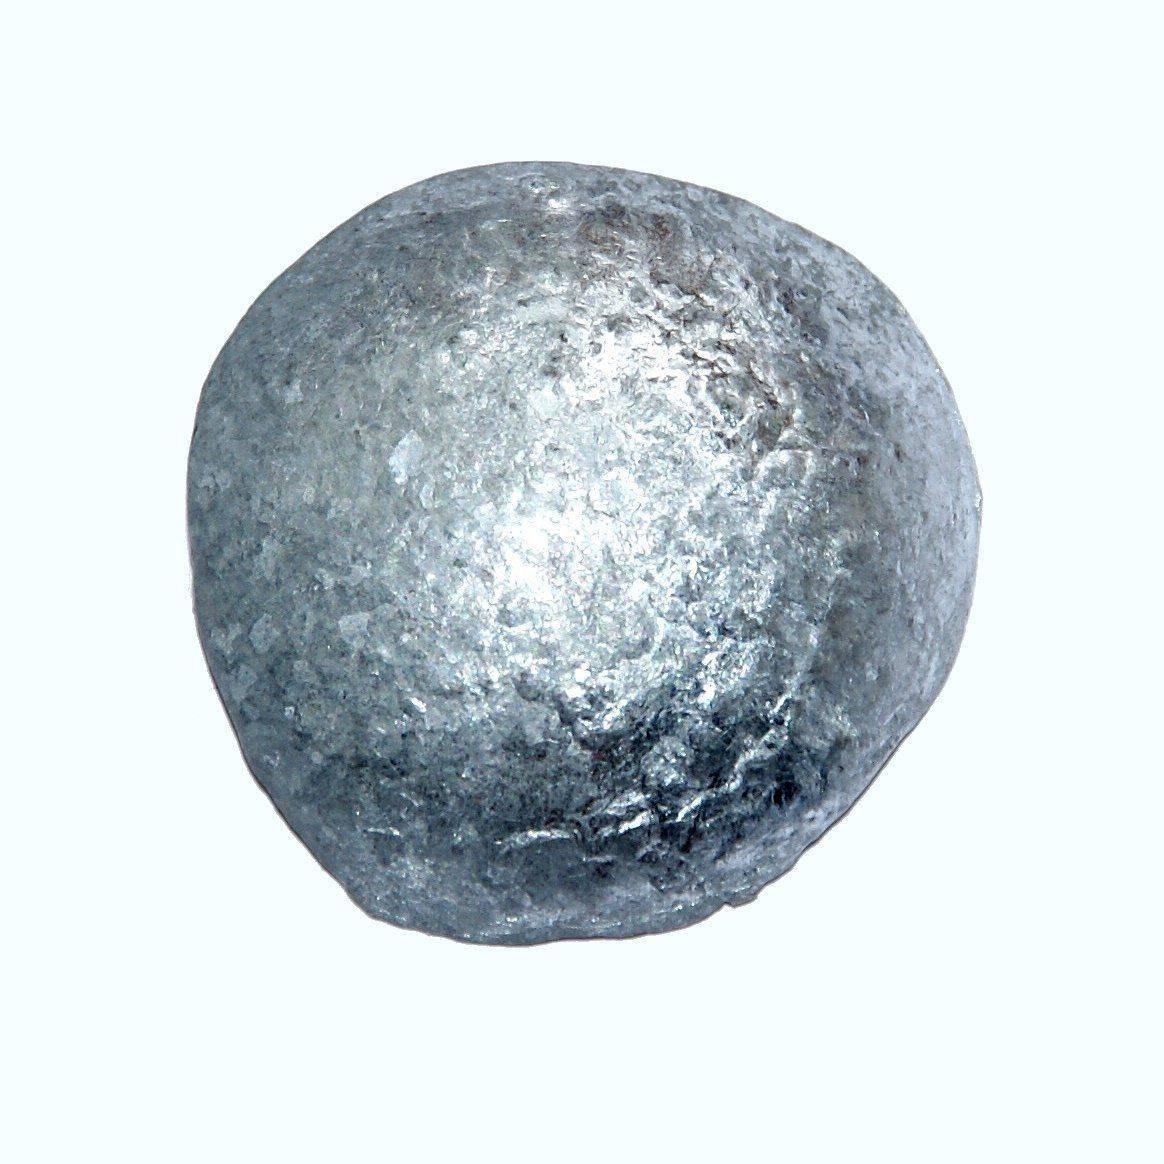 xkzkkz zn Mass percent zinc zn 6538.